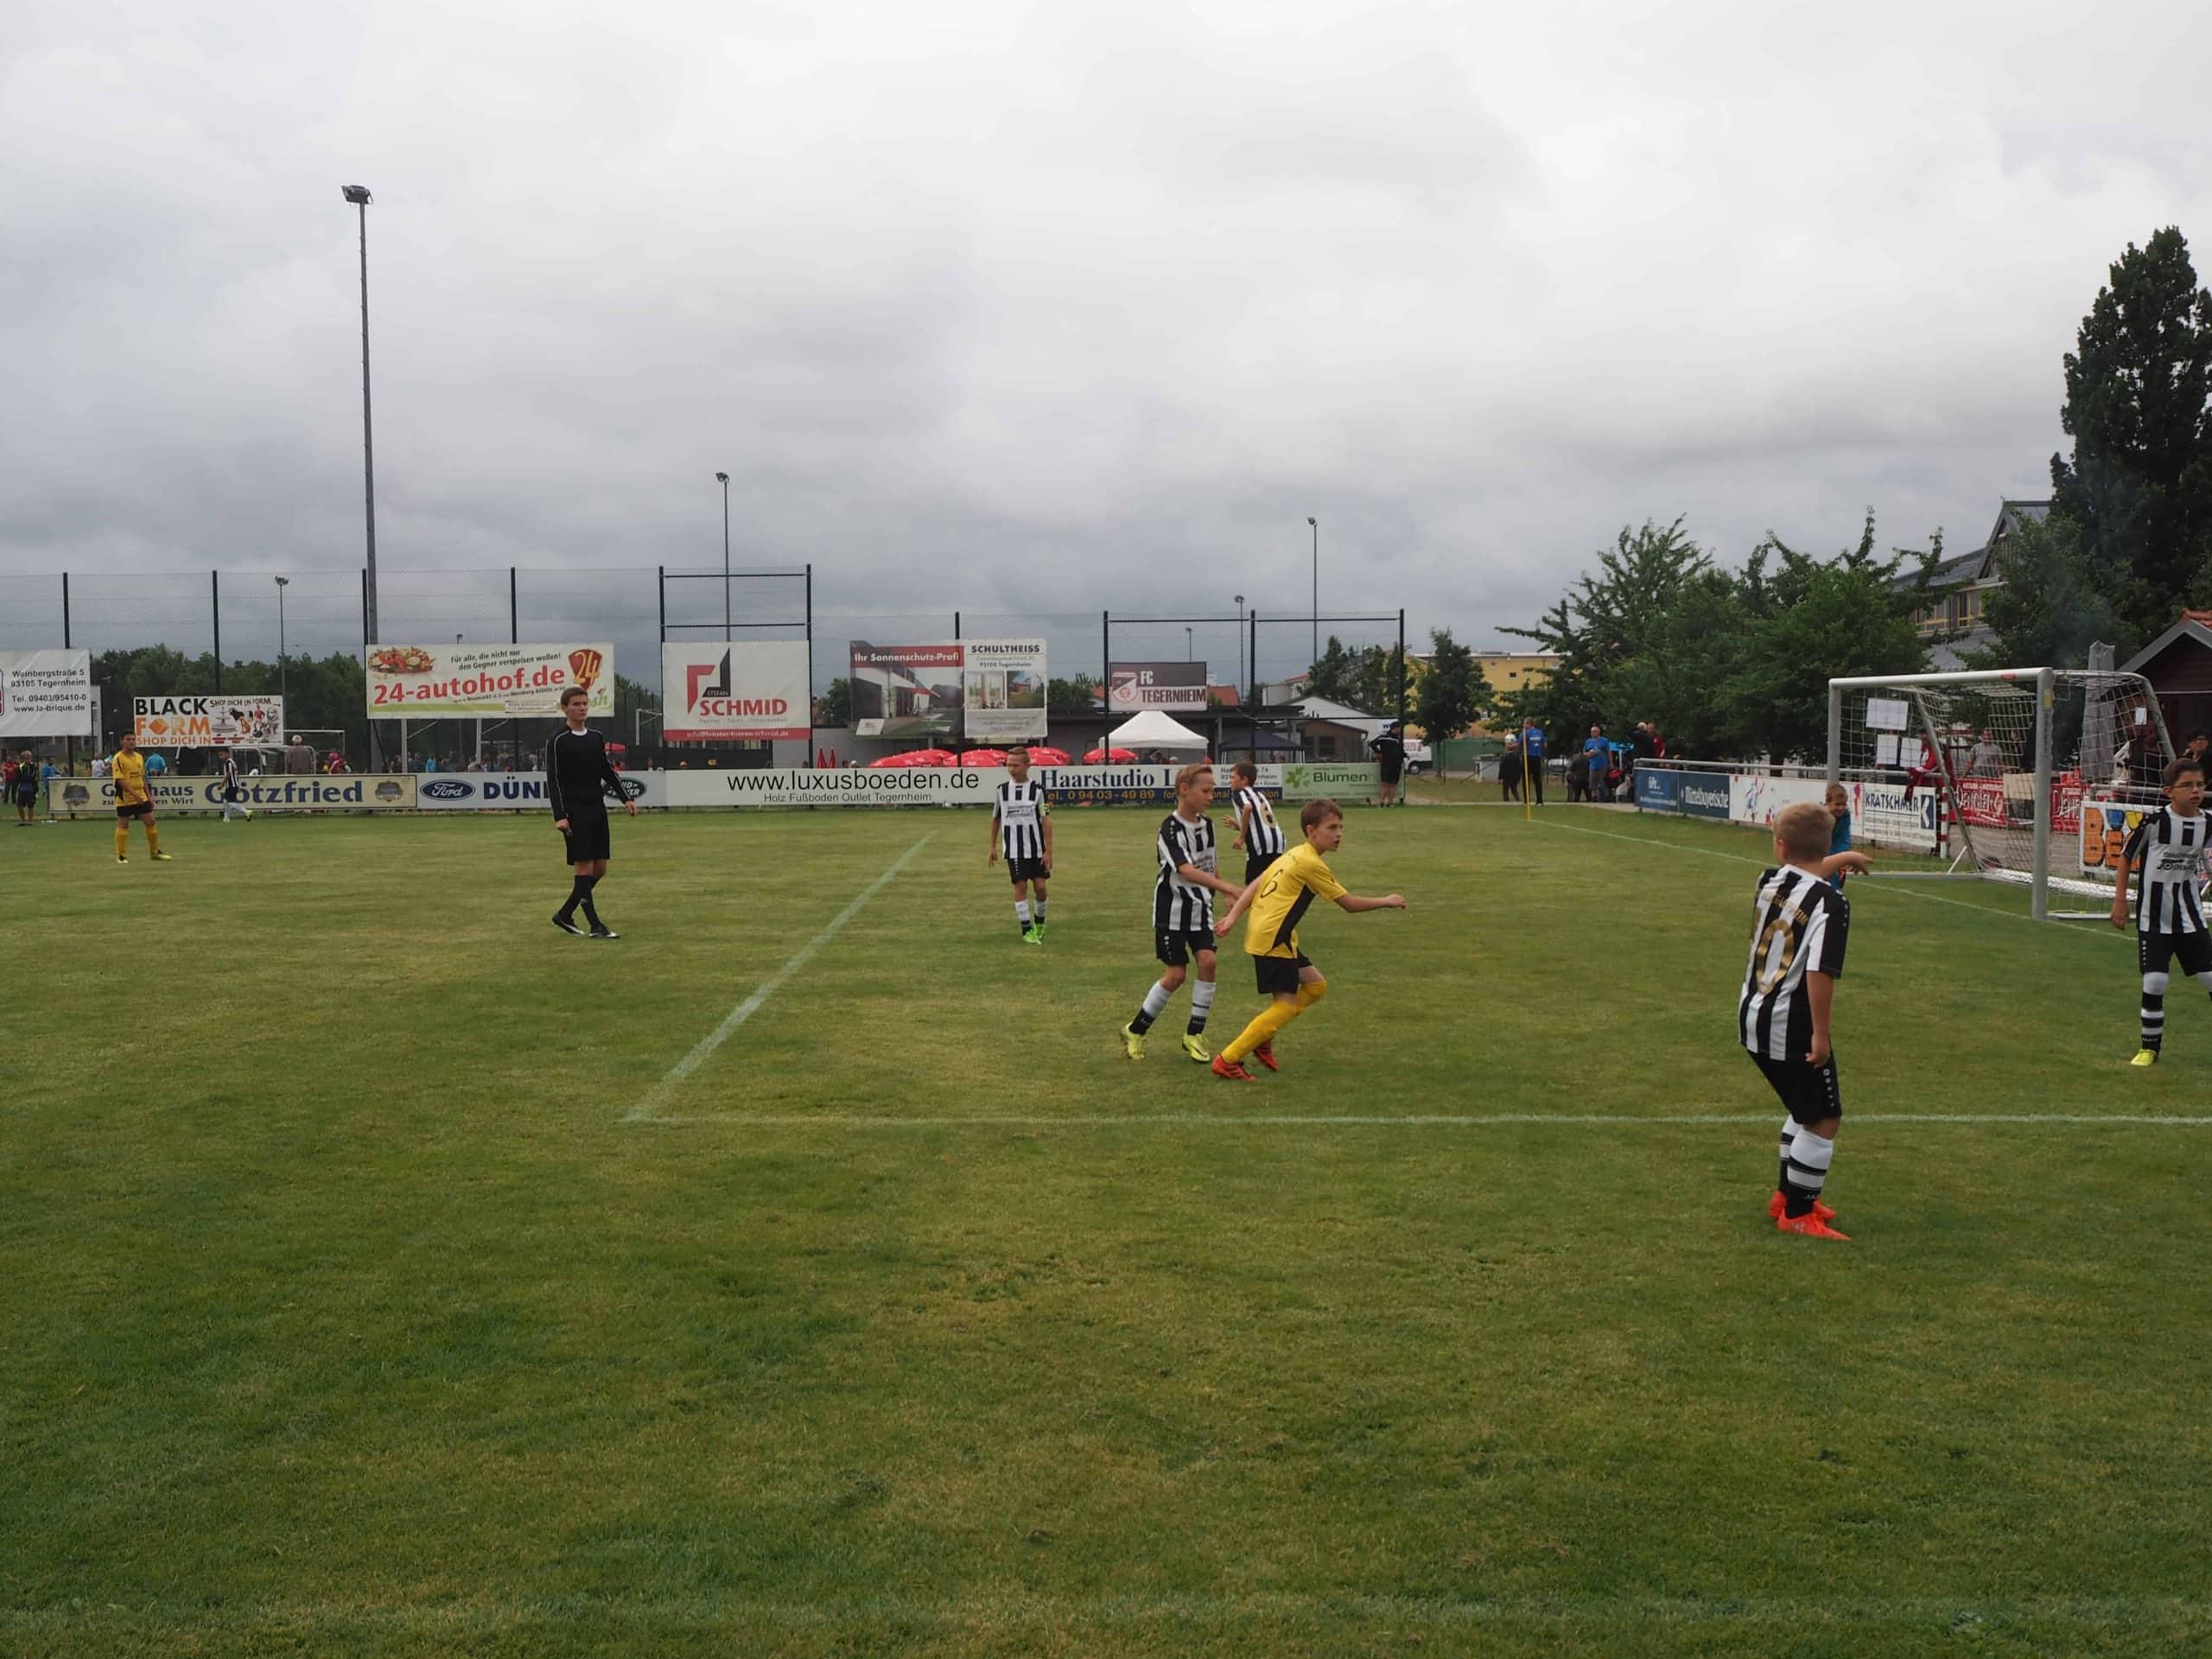 REWAG-Cup 2018 in Tegernheim am 1. Juli